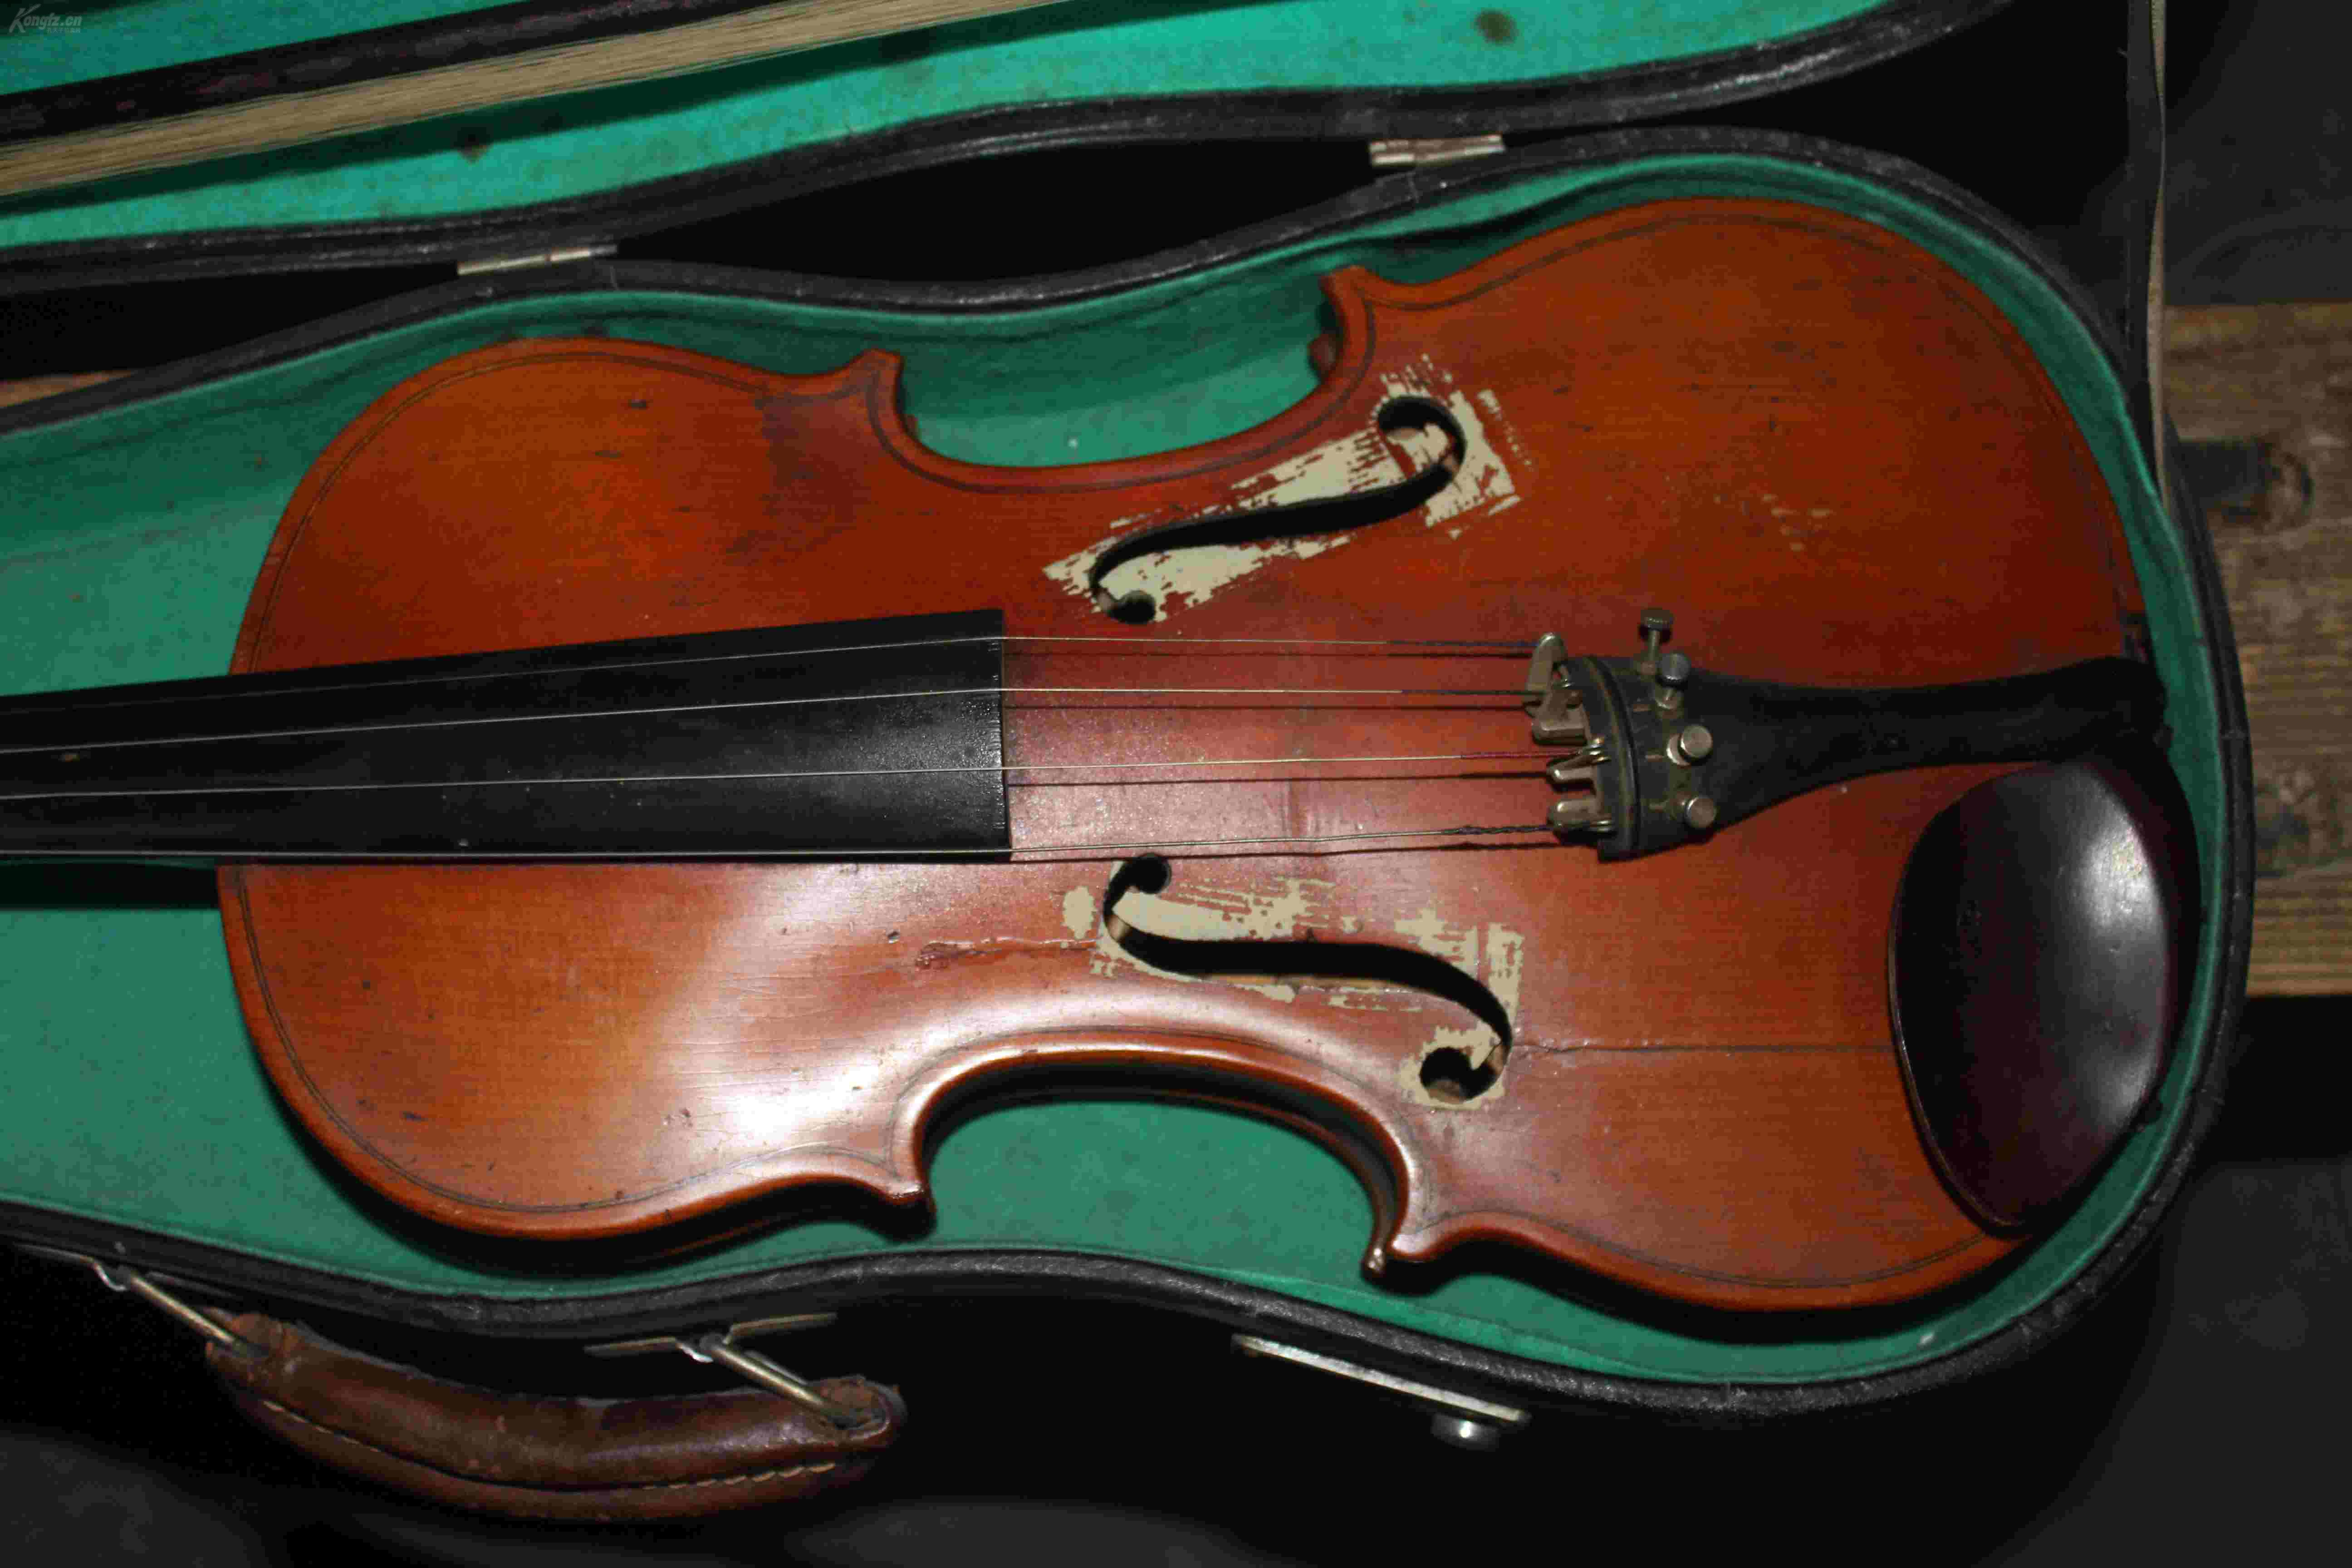 老式小提琴一个,保存完整,带皮箱,琴弦两支,还有三个乐谱.图片